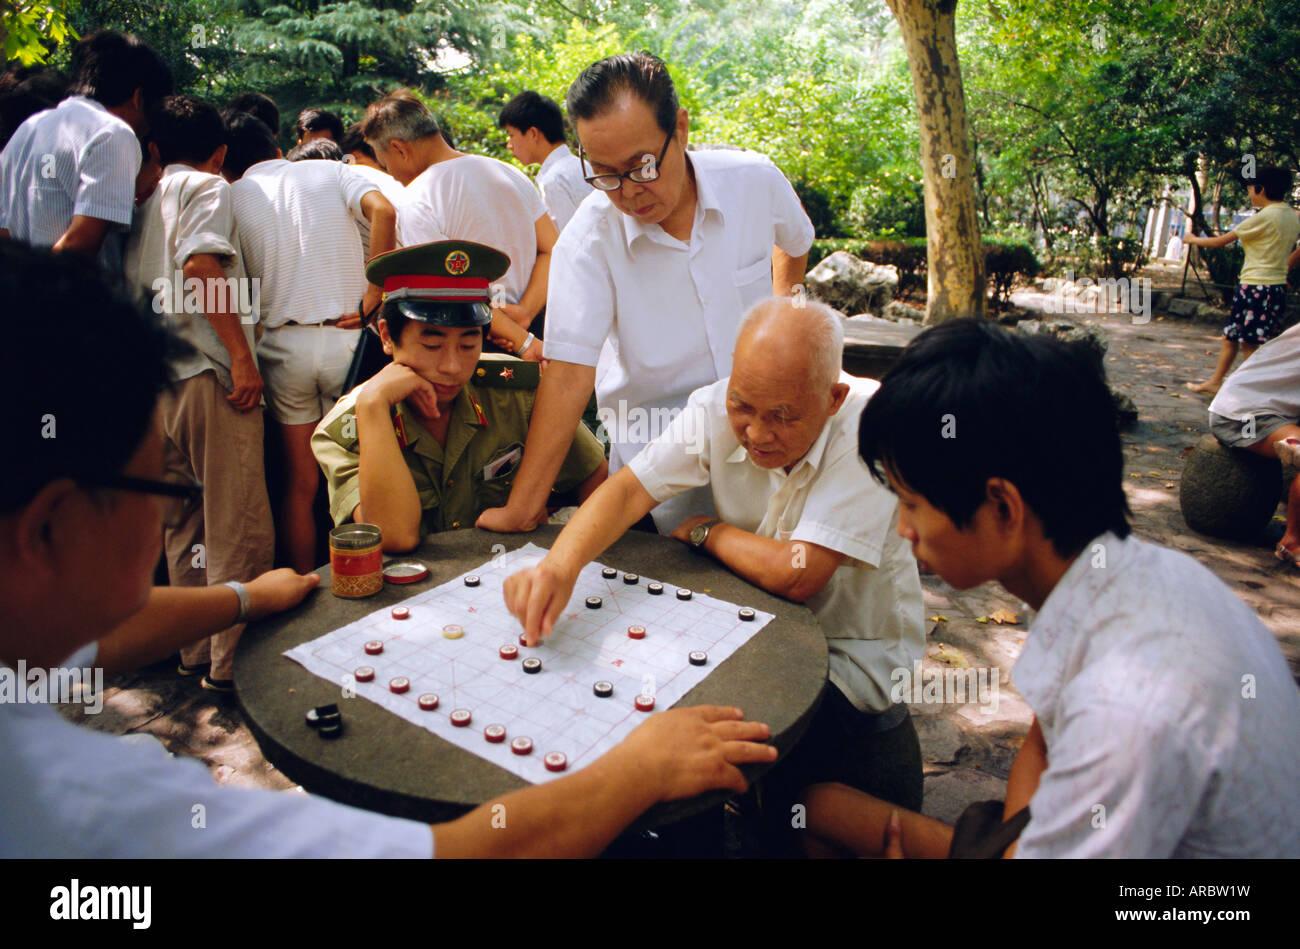 Men playing Chinese chess, Shanghai, China - Stock Image